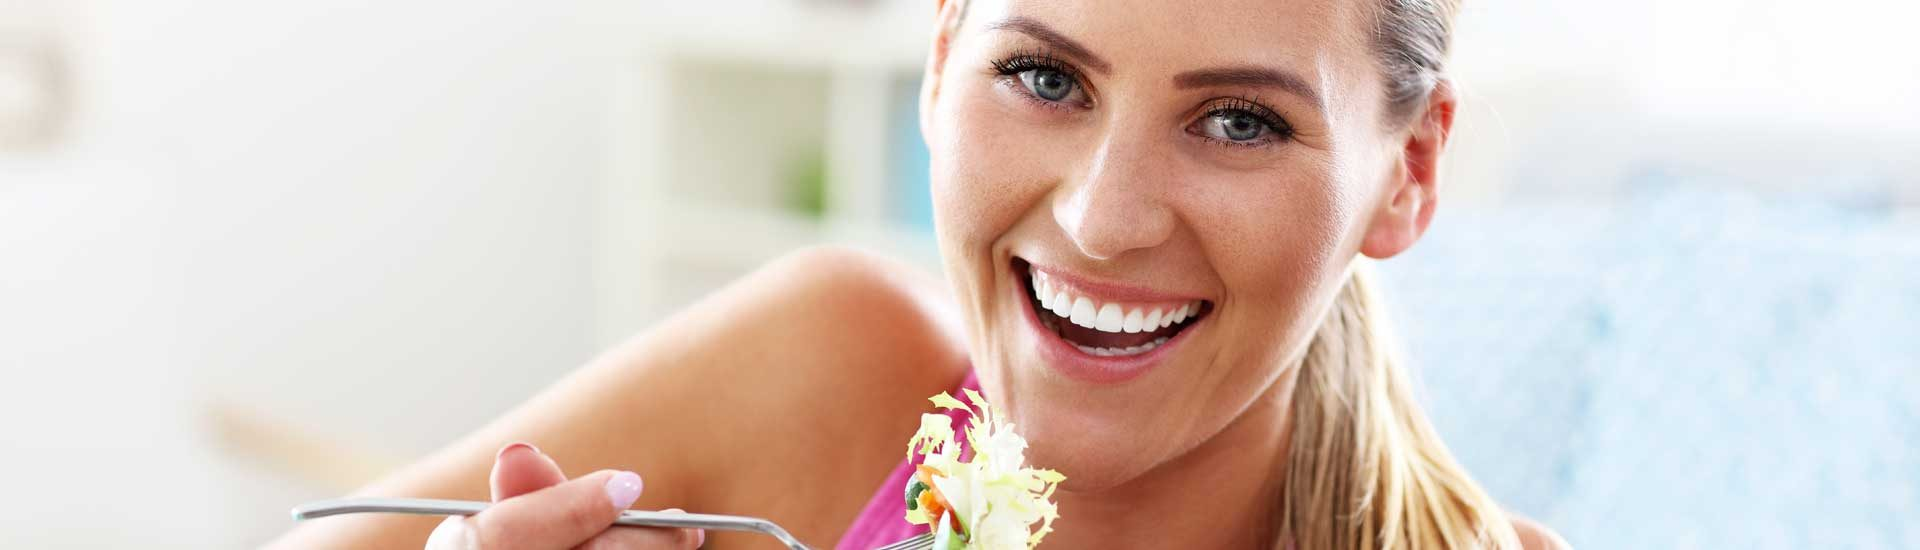 Ernæringsrådgiver | Apexklinikken